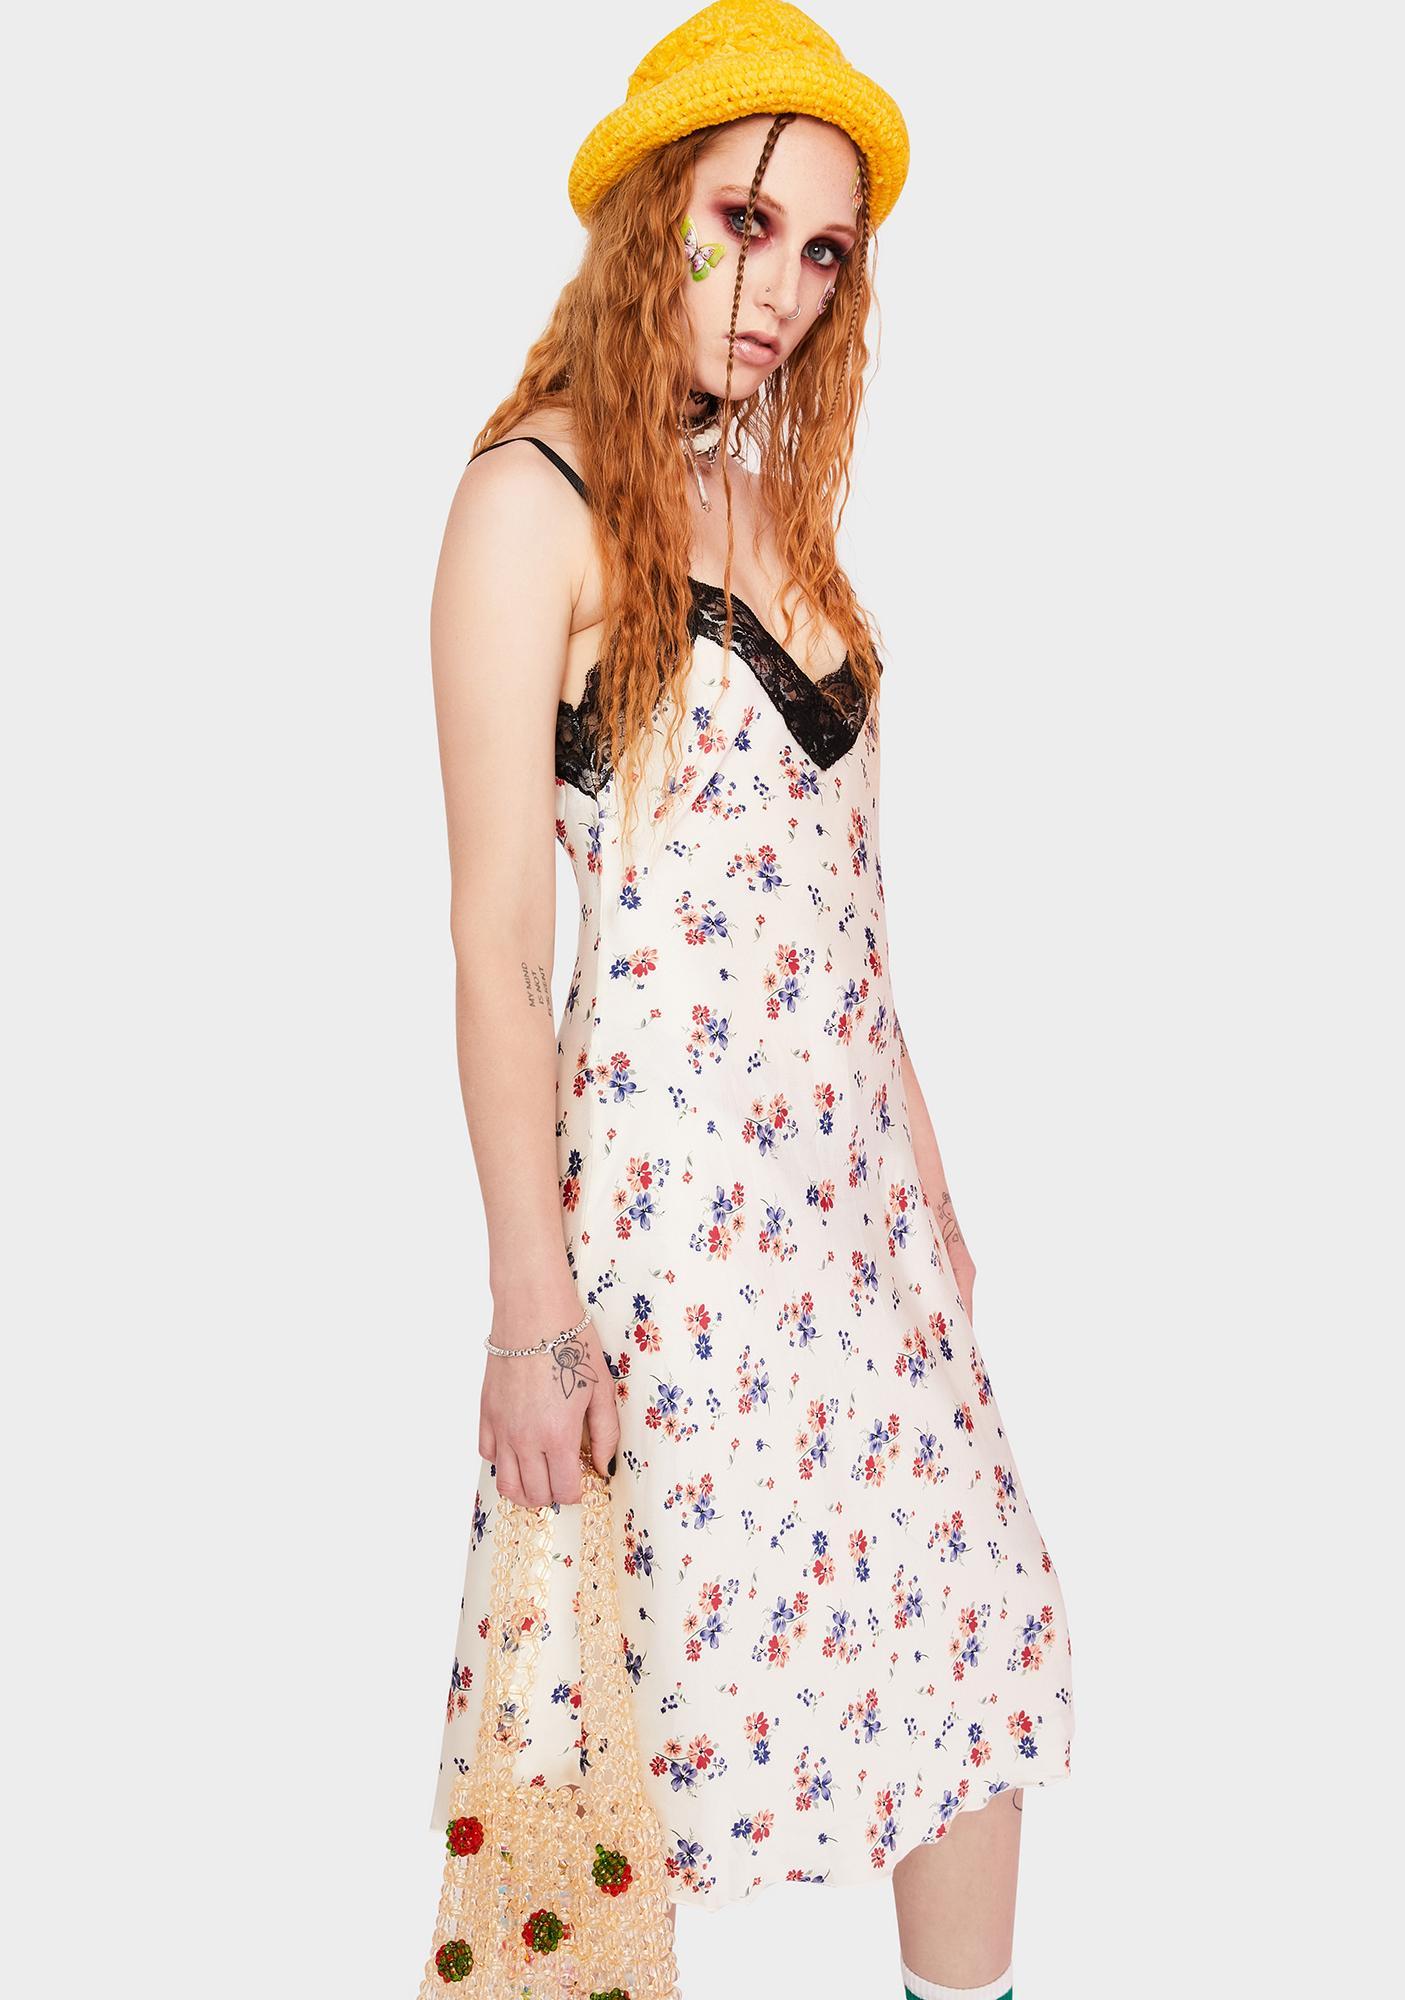 SWNY 90s Lace Floral Slip Dress